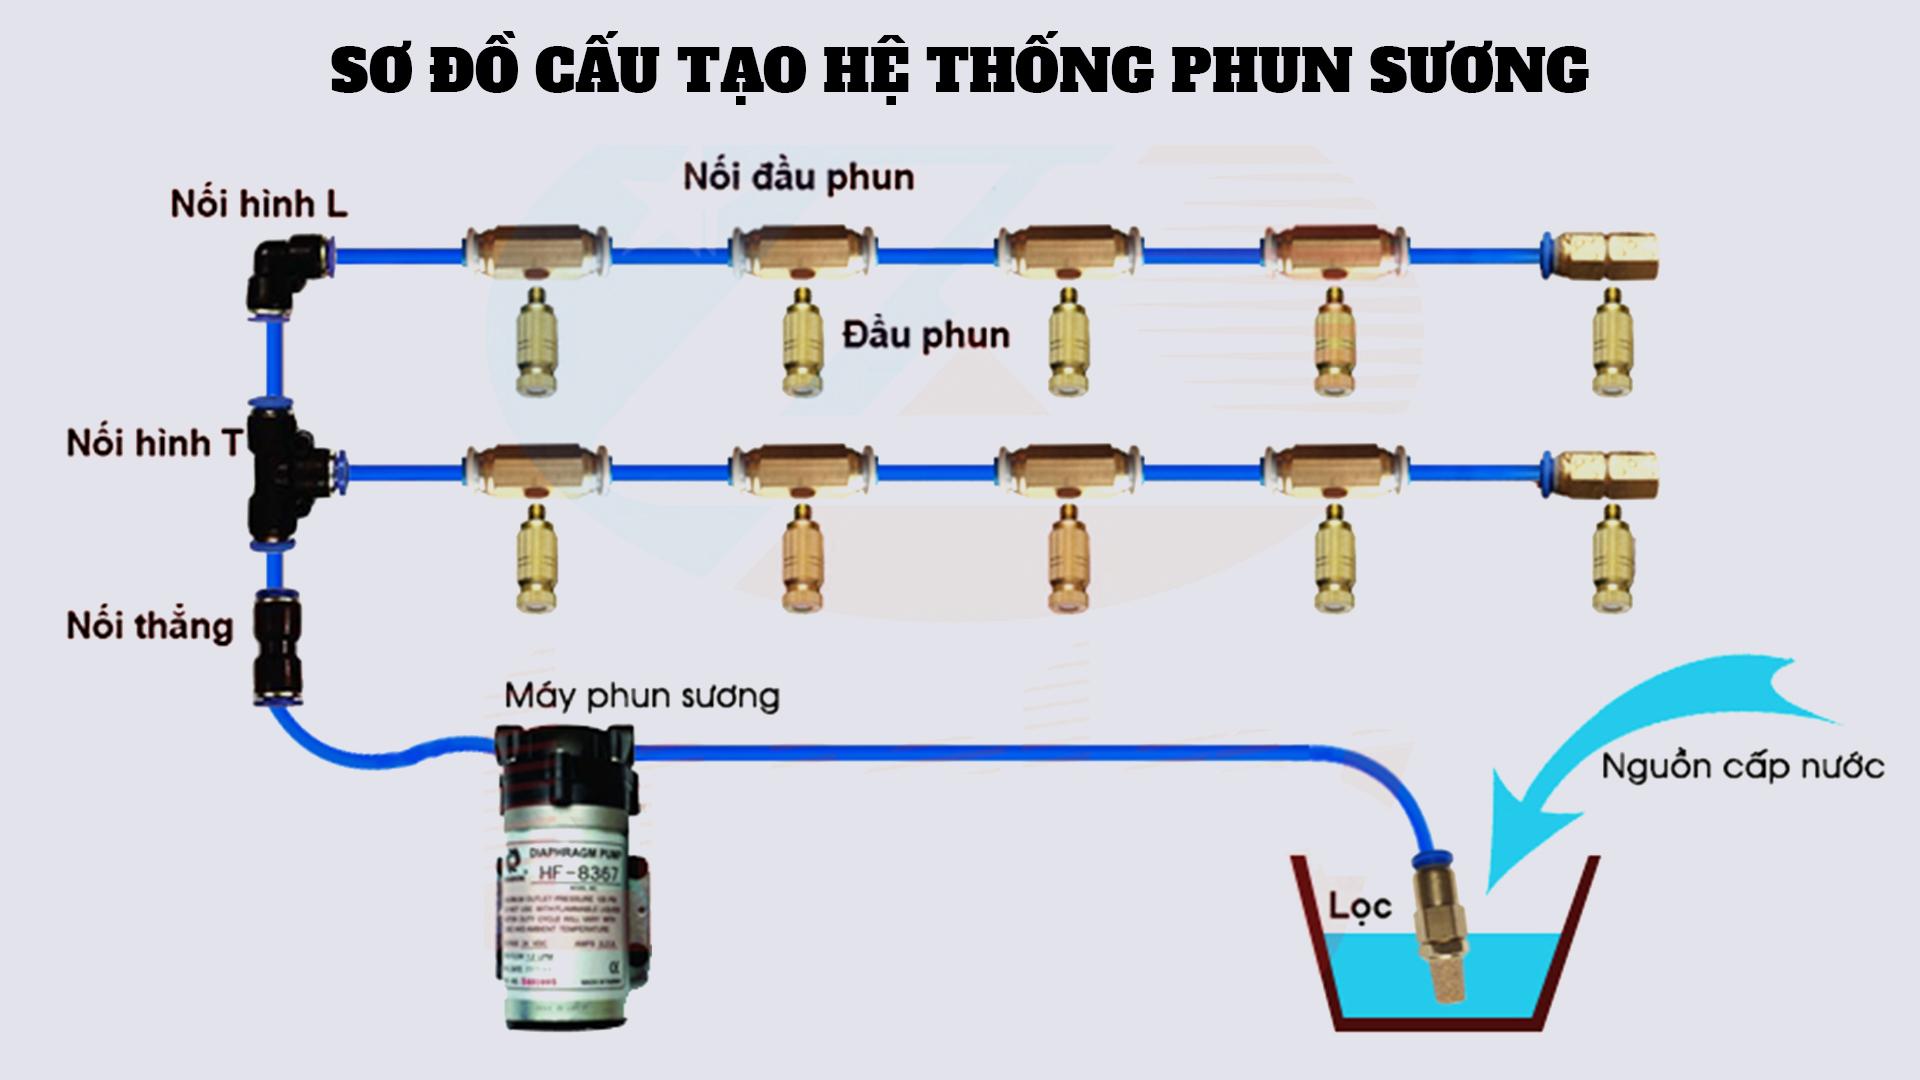 huong dan lap may phun suong mini 1